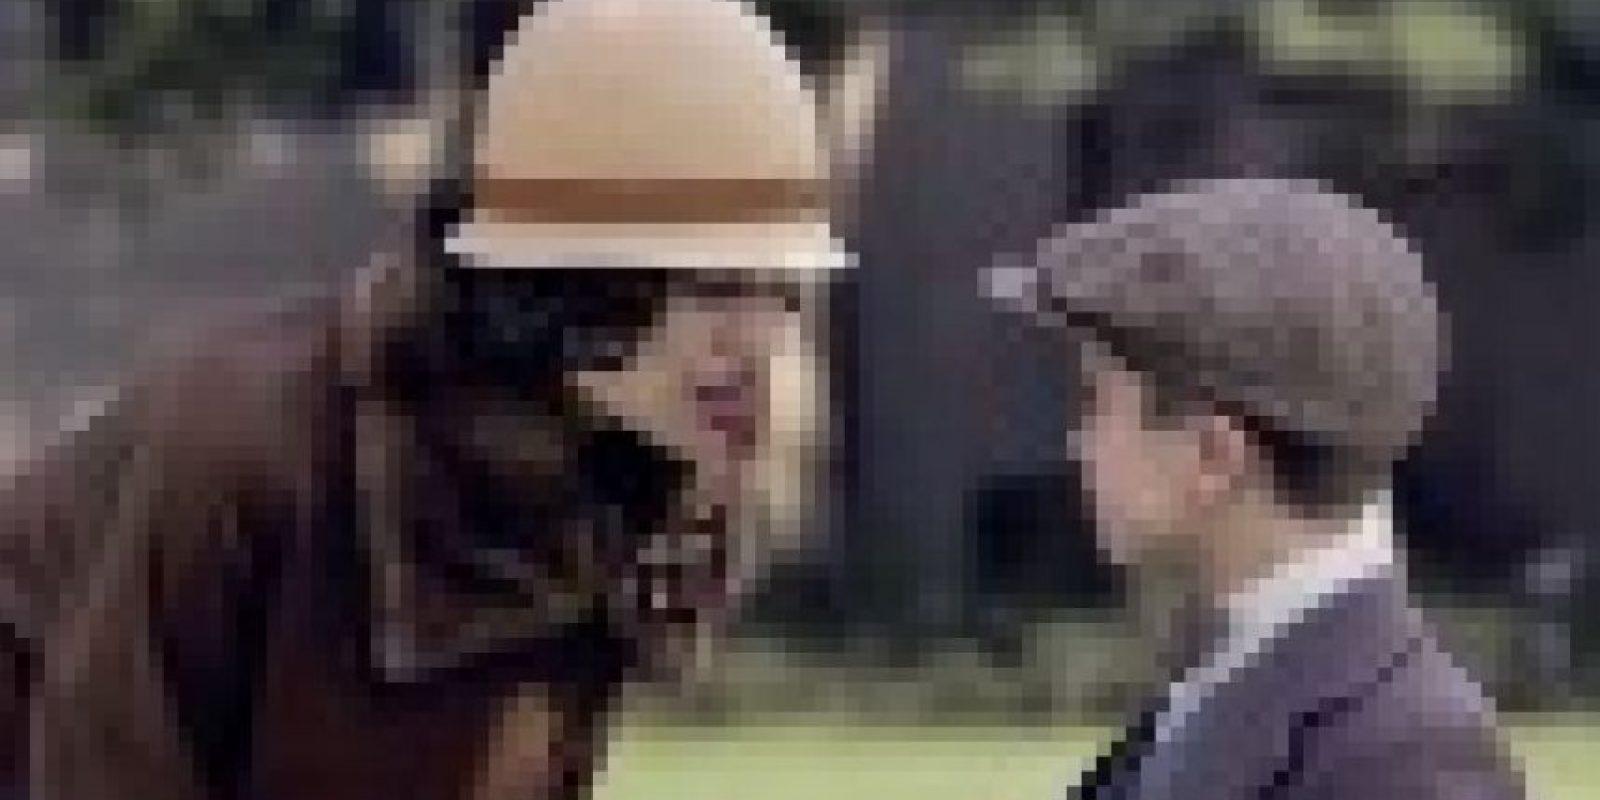 """4- """"El intercambio"""". Con Angelina Jolie en la piel de una madre soltera, la película nos cuenta la desaparición de su hijo mientras ella trabaja para sacarlo adelante. Basada en una historia real ocurrida en la década de 1920, la producción abarca la cruenta realidad del intercambio de niños que tuvo lugar en Los Ángeles, Estados Unidos. Foto:Fuente externa"""